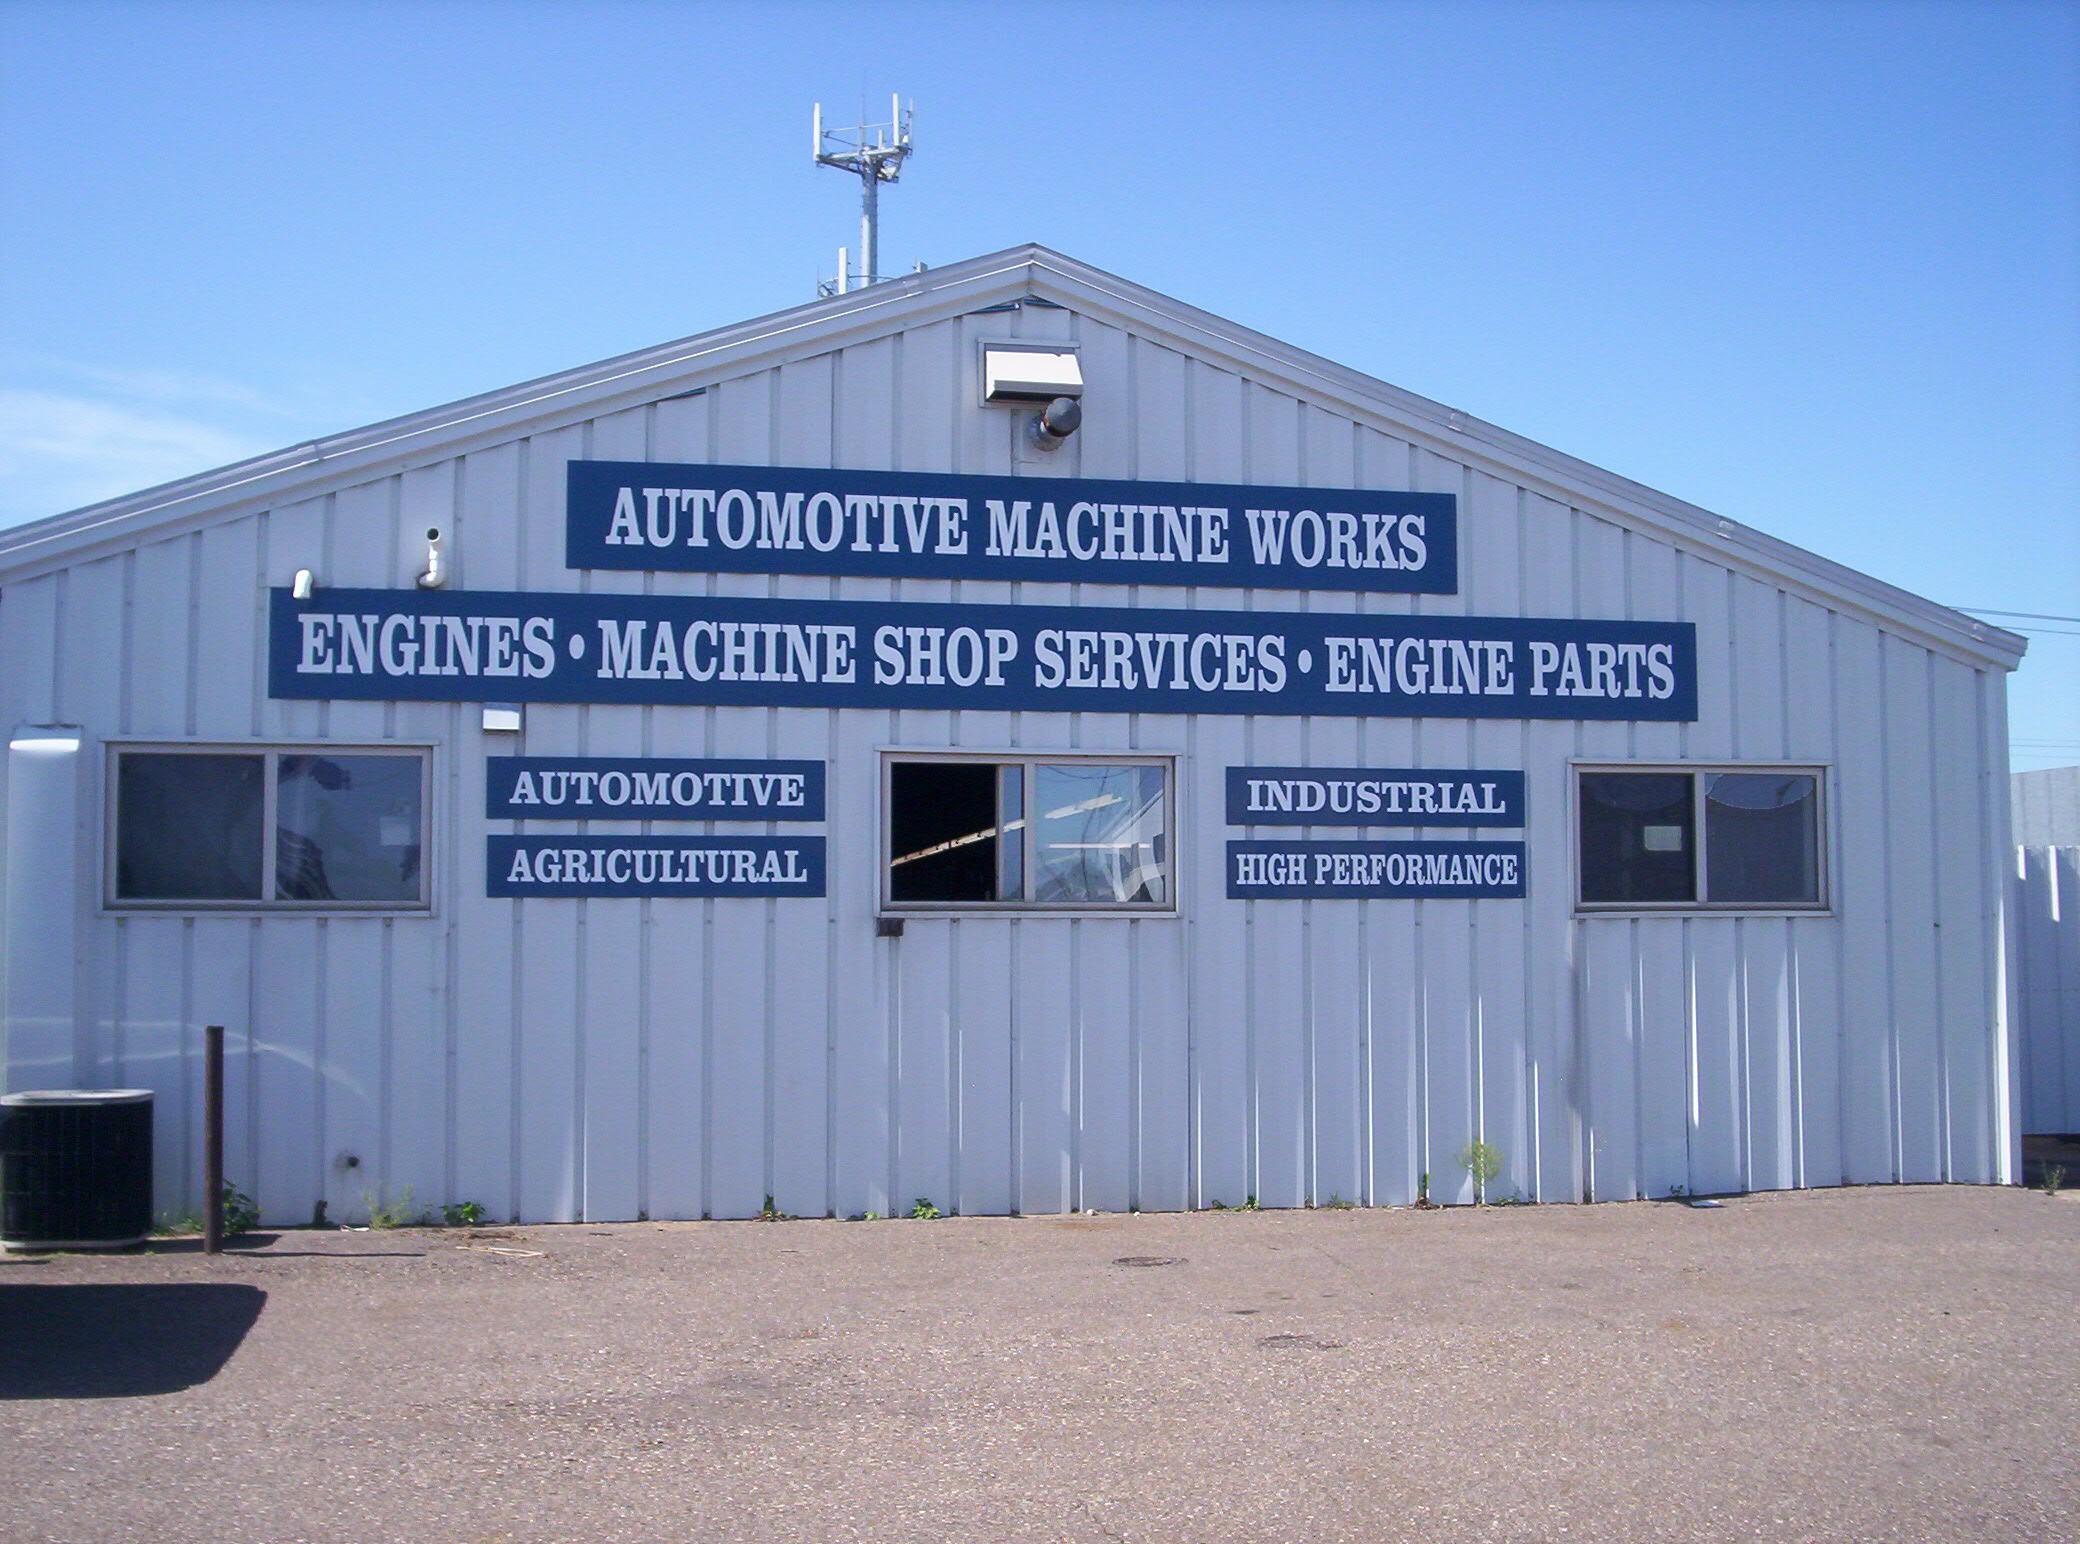 Automotive Machine Works 2026 Esmond Rd, Eau Claire, WI 54701 - YP.com